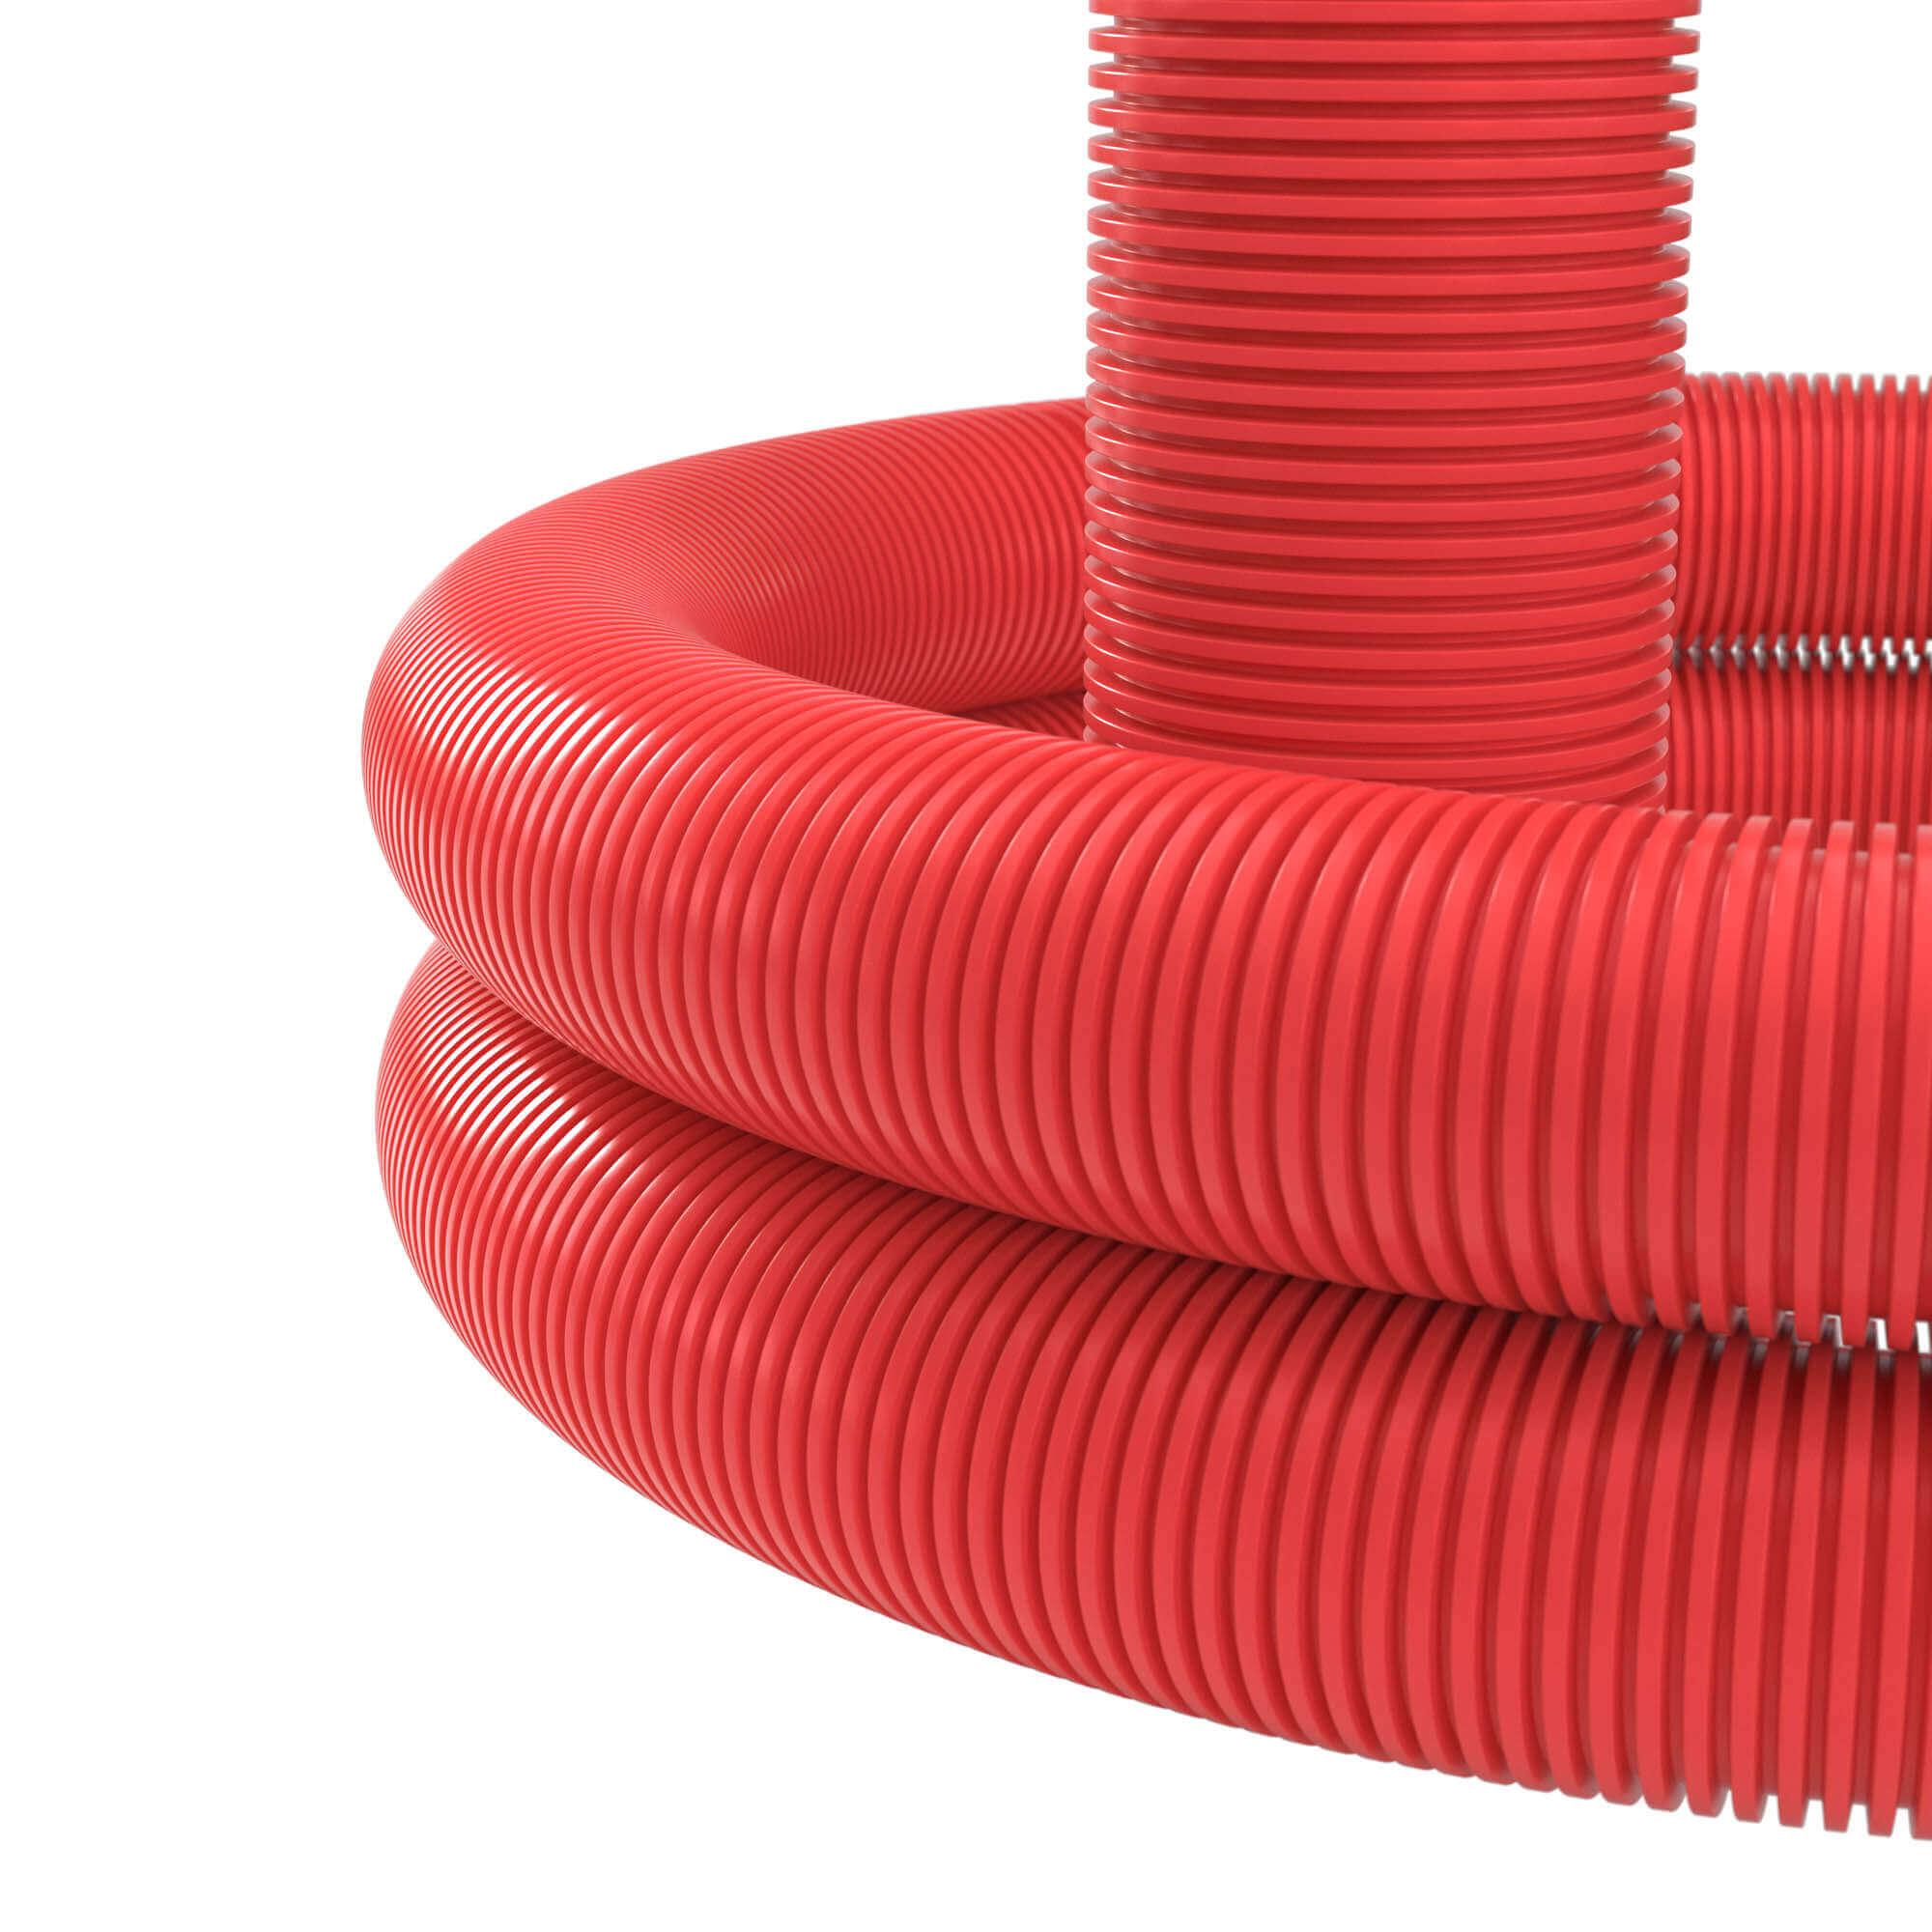 Двустенная труба ПНД гибкая для кабельной канализации d 125мм без протяжки SN8 450Н красный